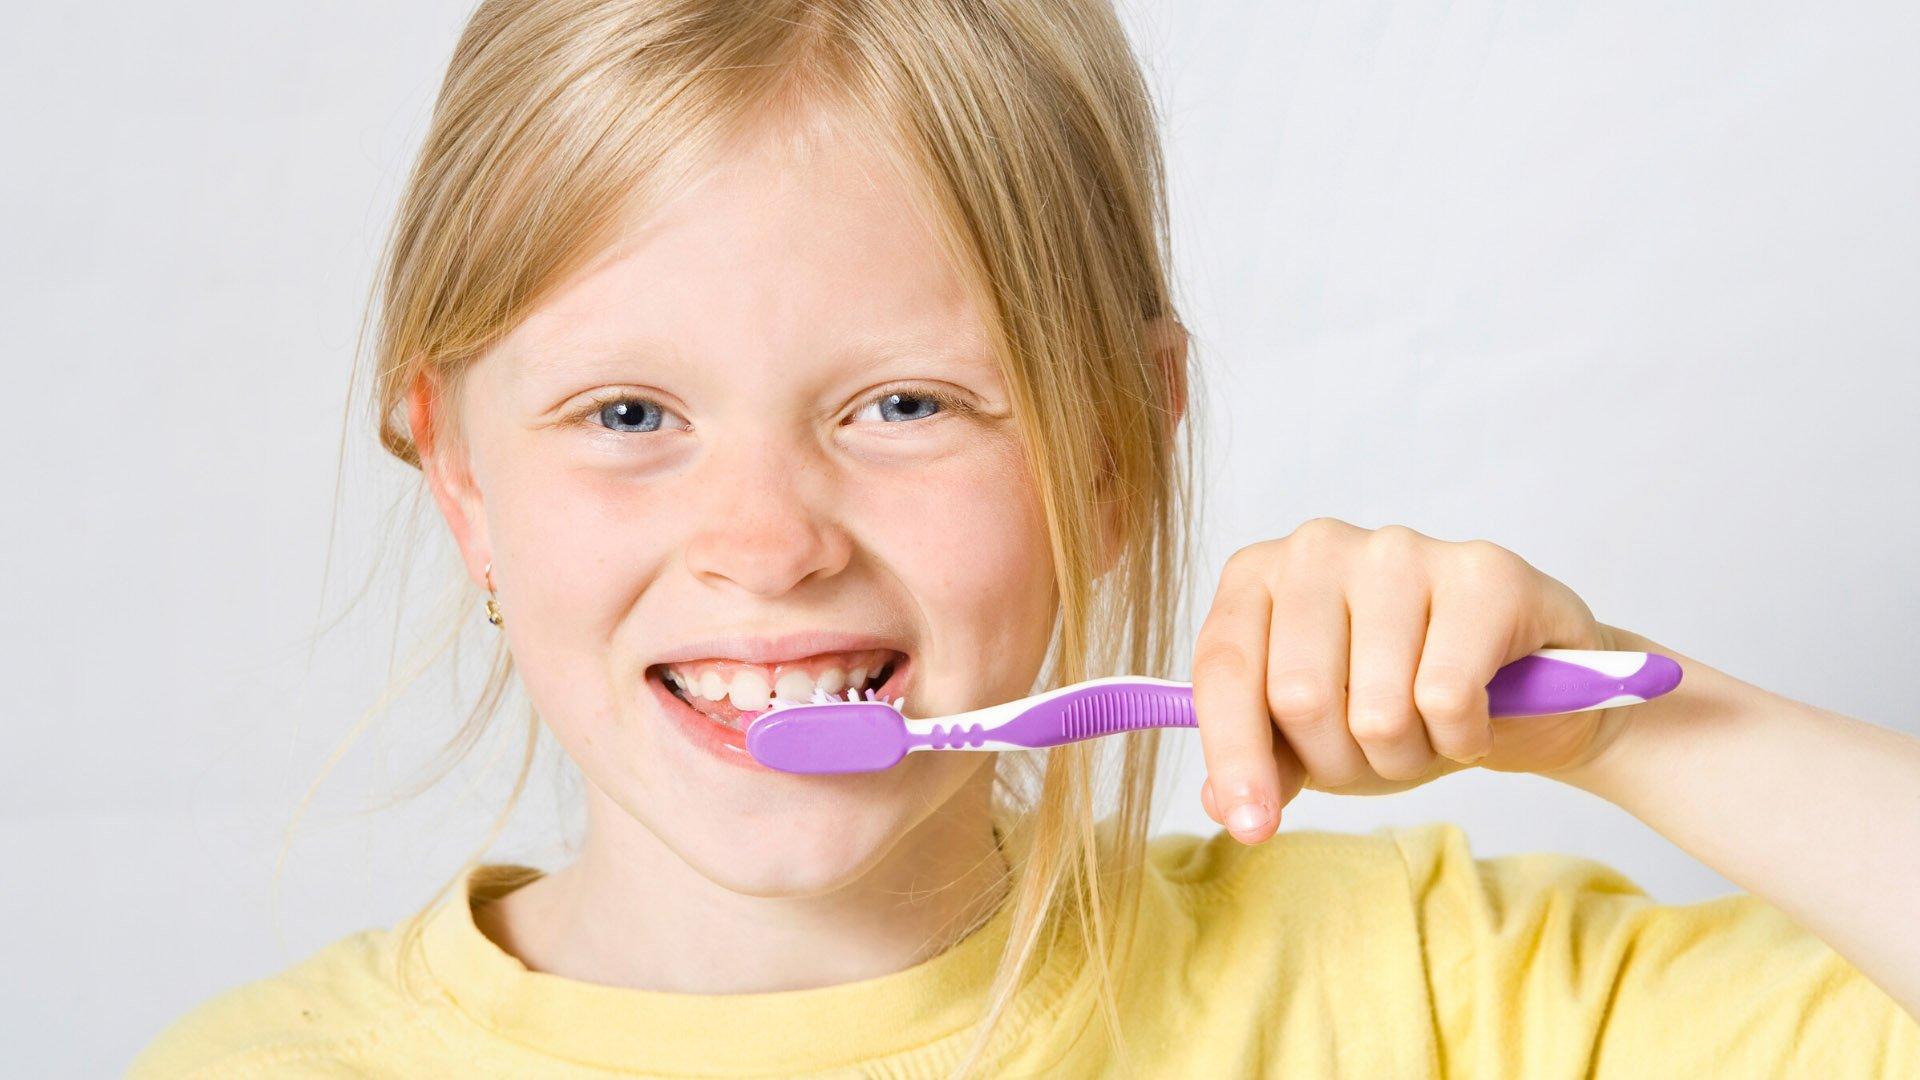 ¿Es recomendable el uso de cepillos de dientes eléctricos en la limpieza bucodental infantil?